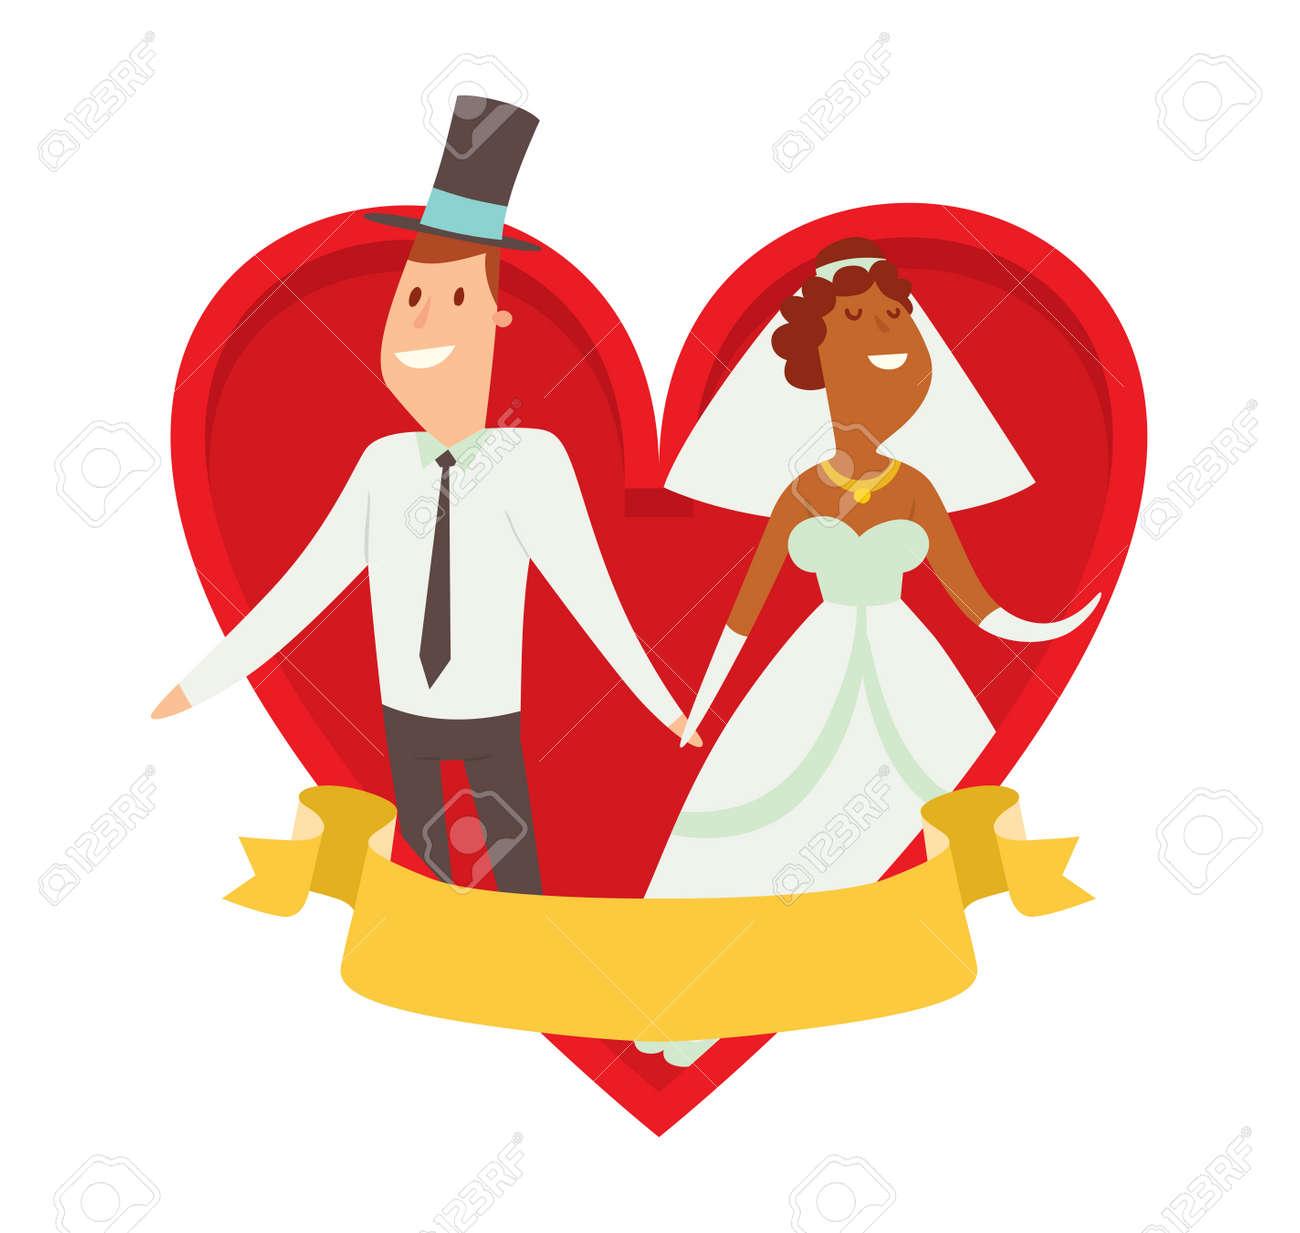 結婚式カップル漫画スタイル ベクトル イラスト。結婚式のカップルかわいい漫画フラット